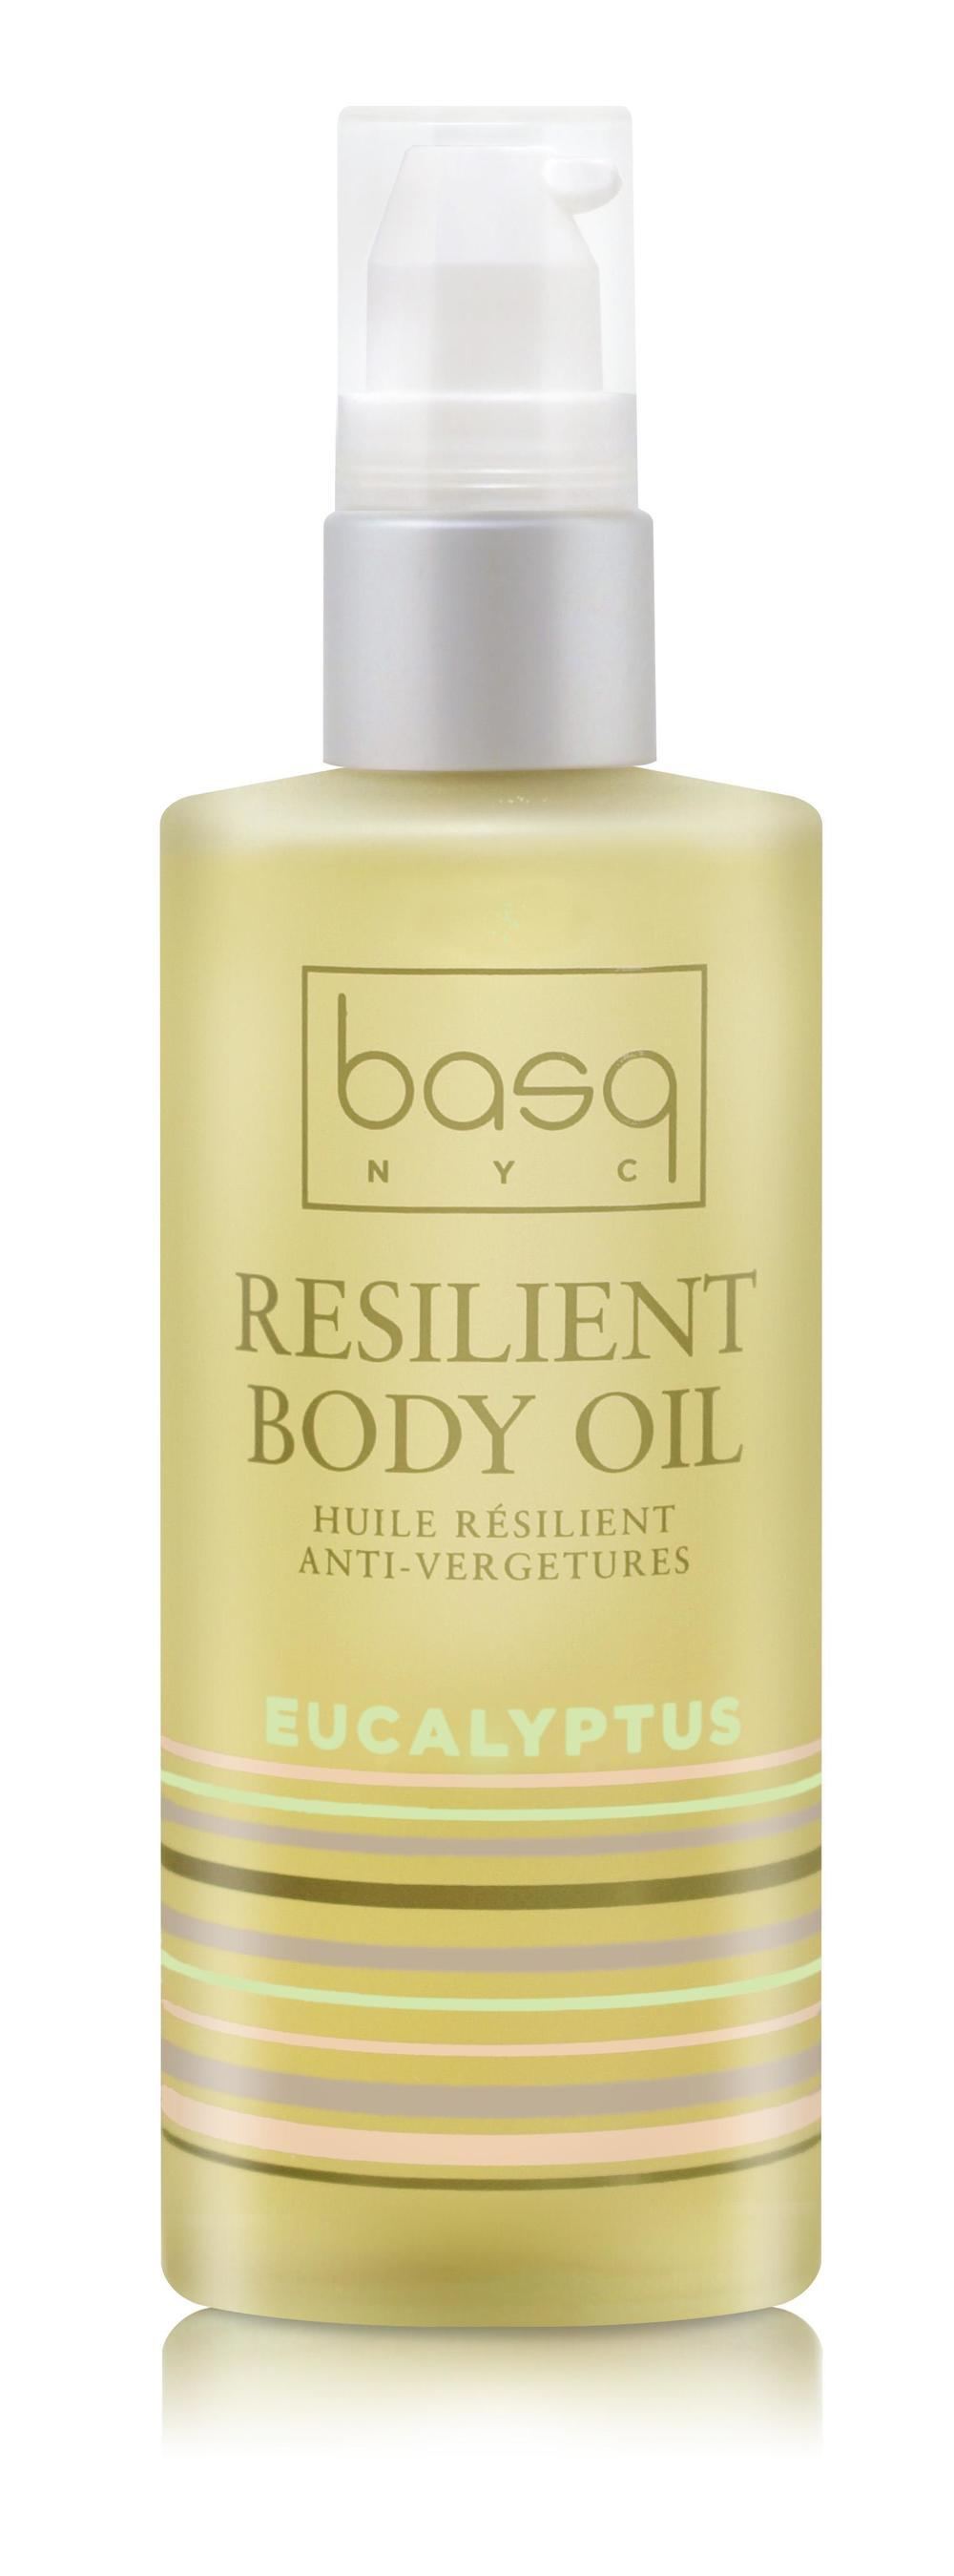 basq Resilient Body Oil